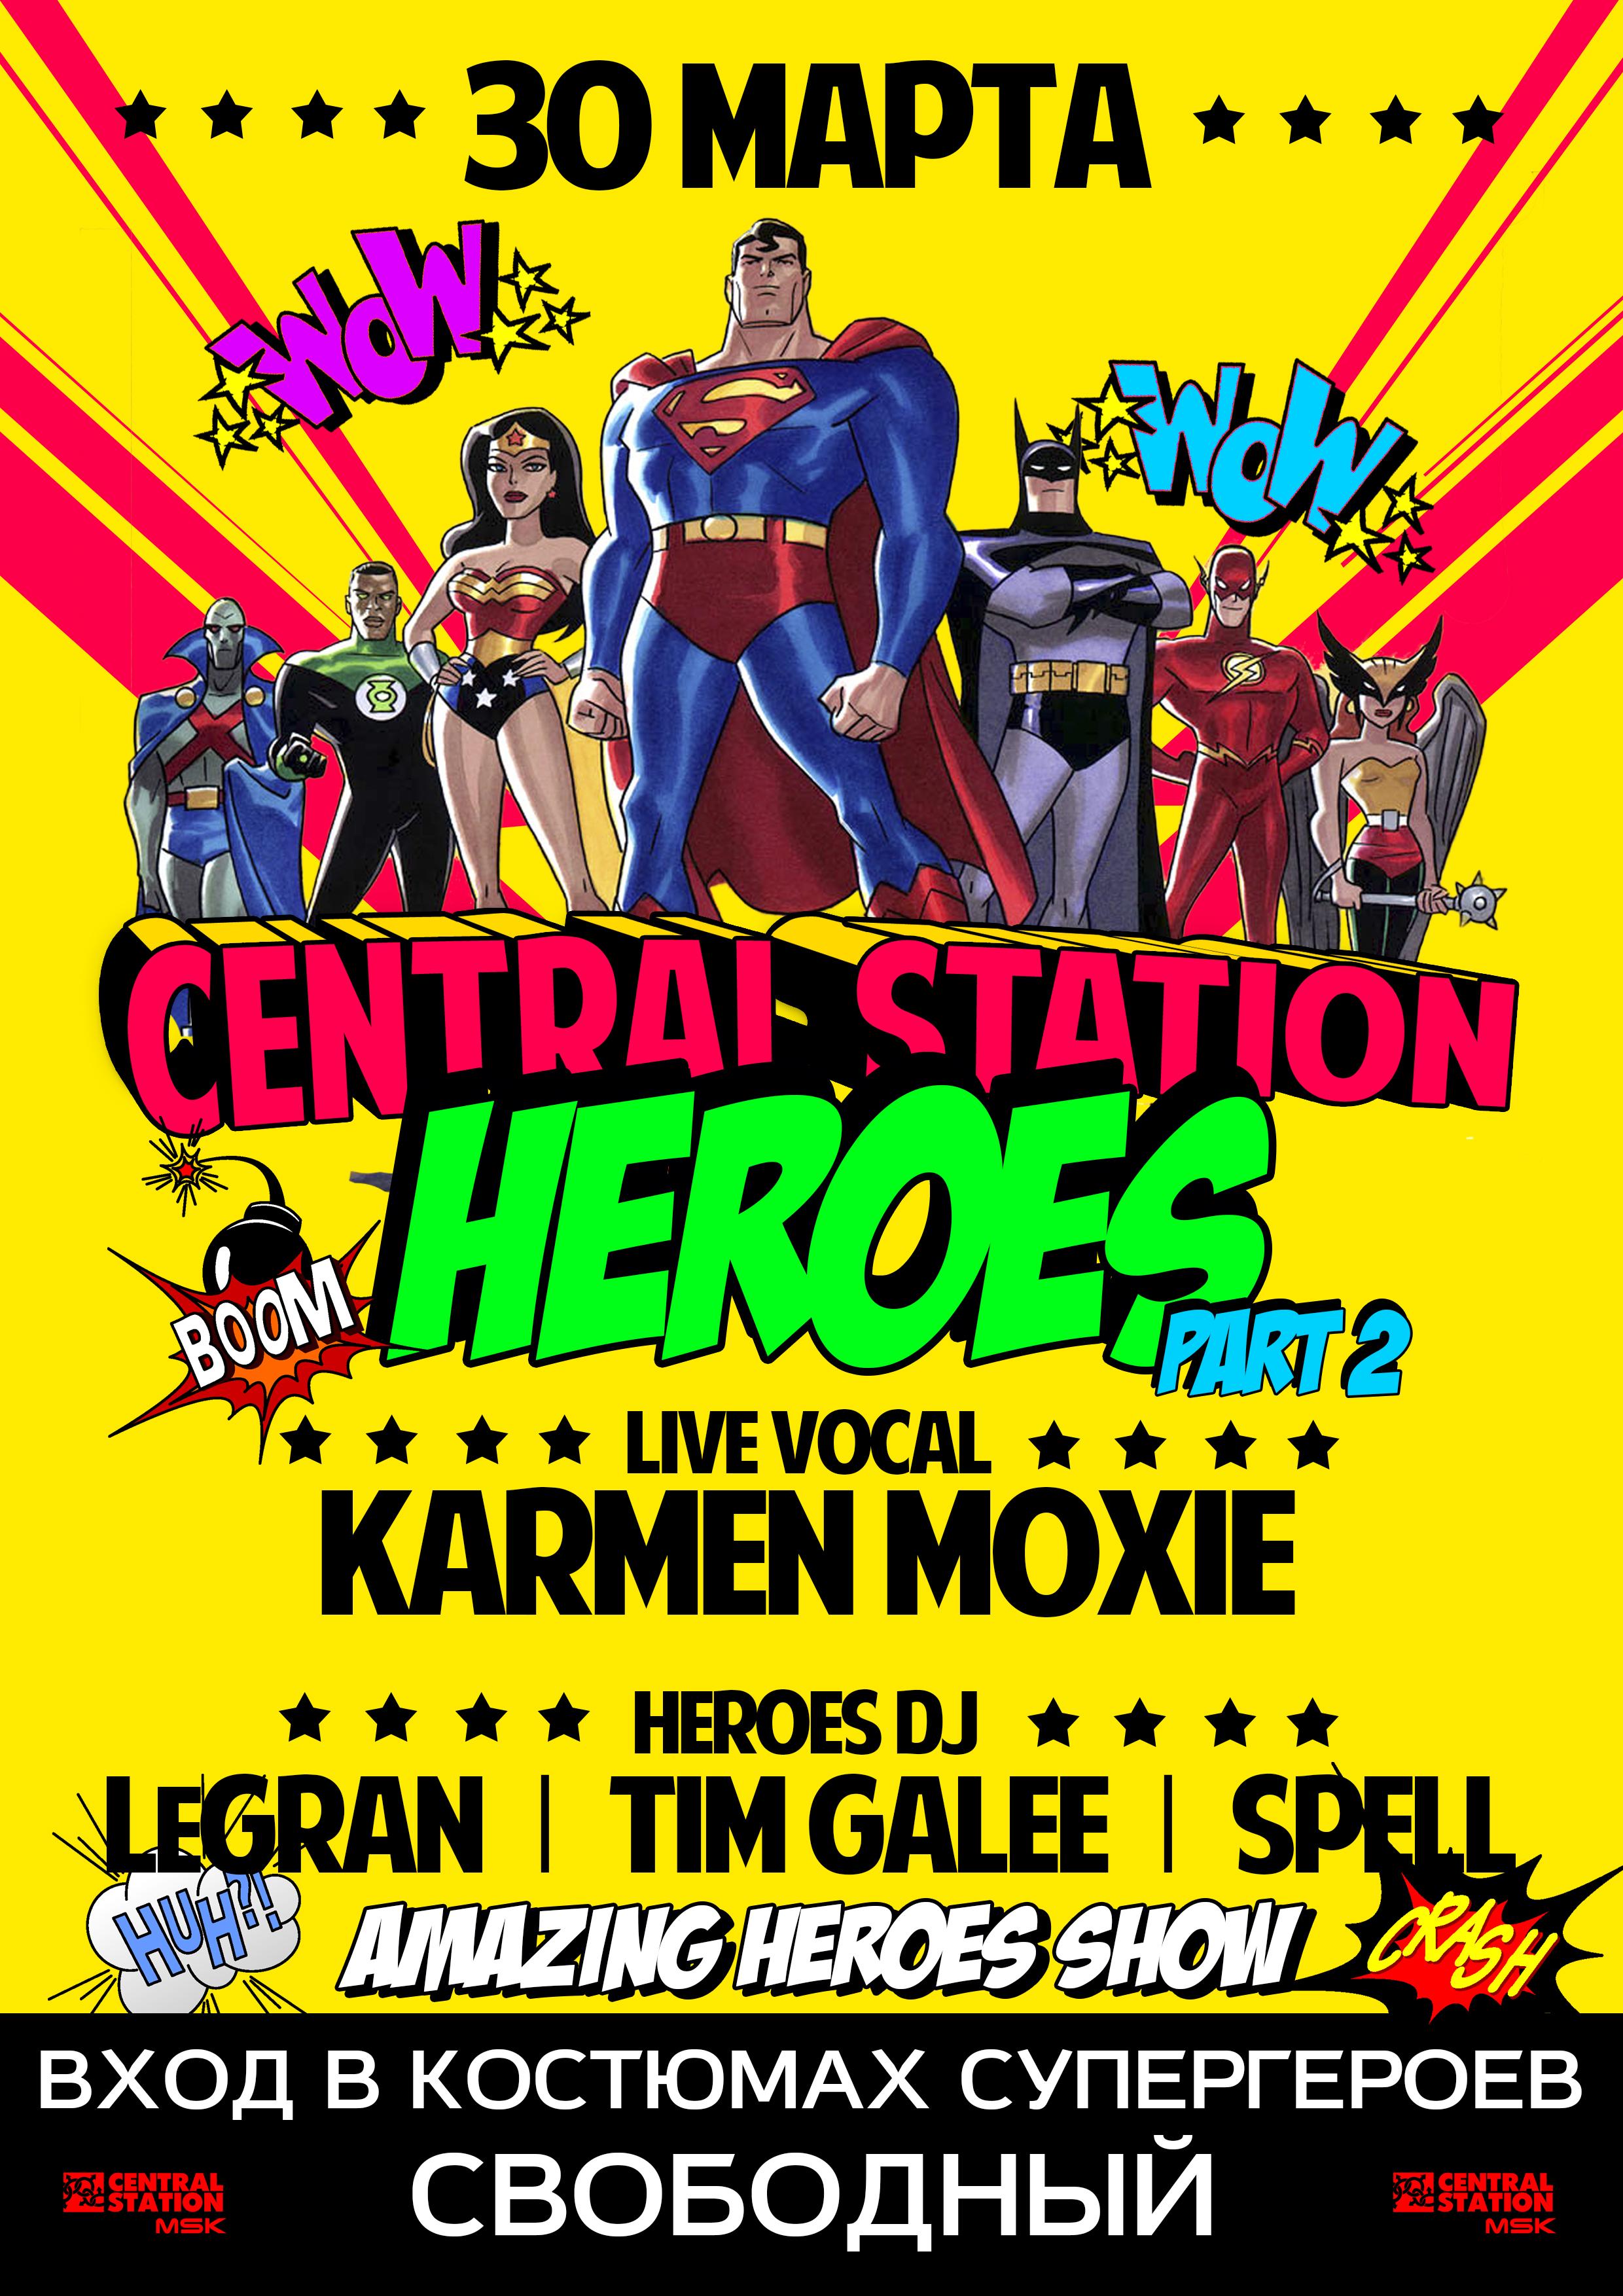 Вечеринка супергероев в центральной